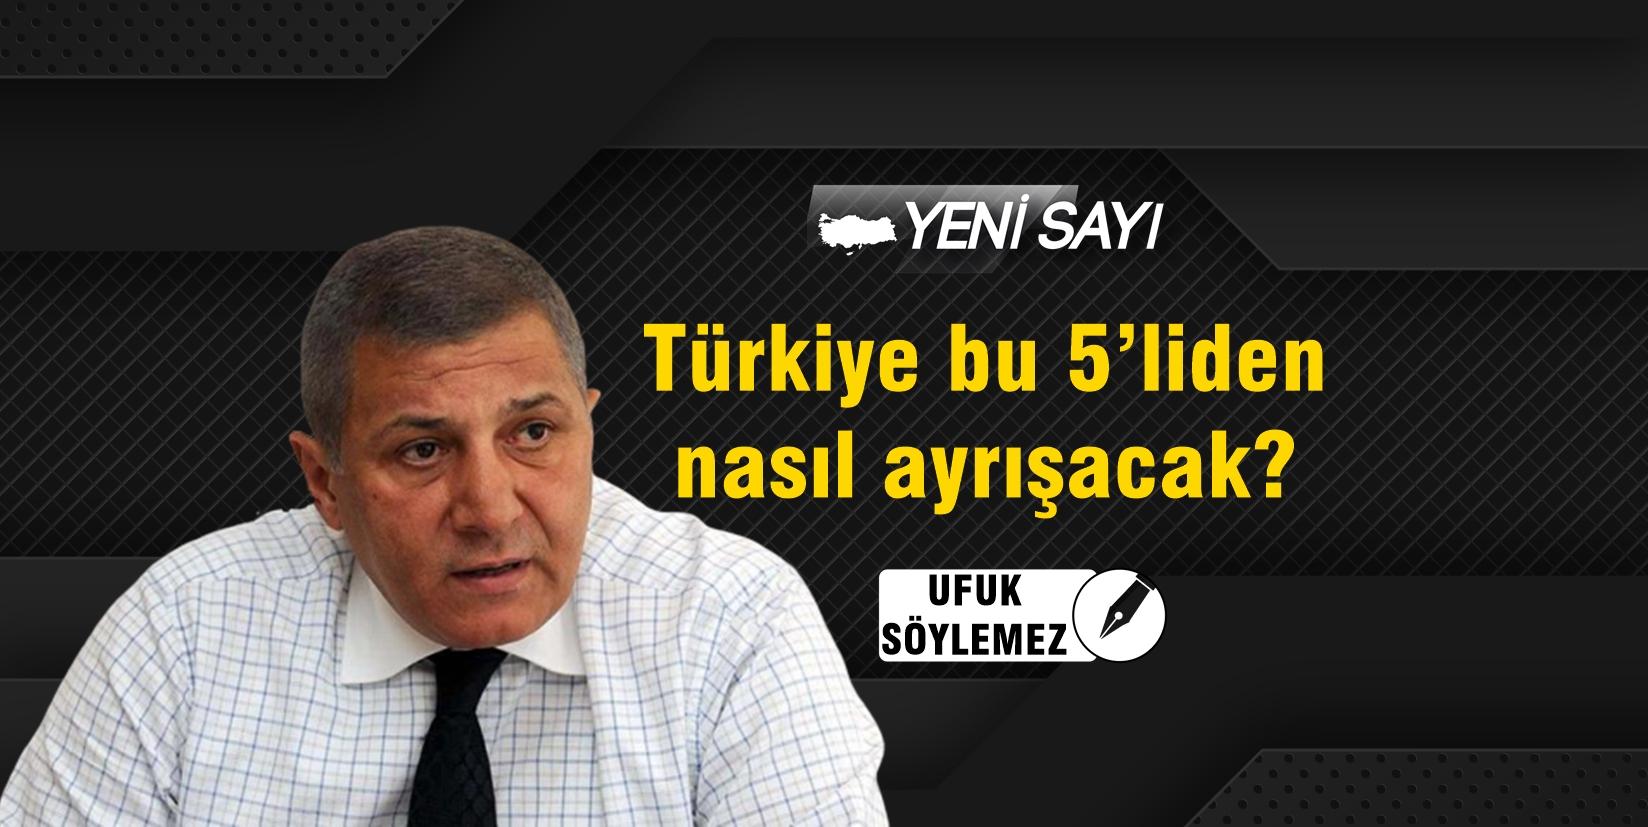 Türkiye bu 5'liden nasıl ayrışacak?